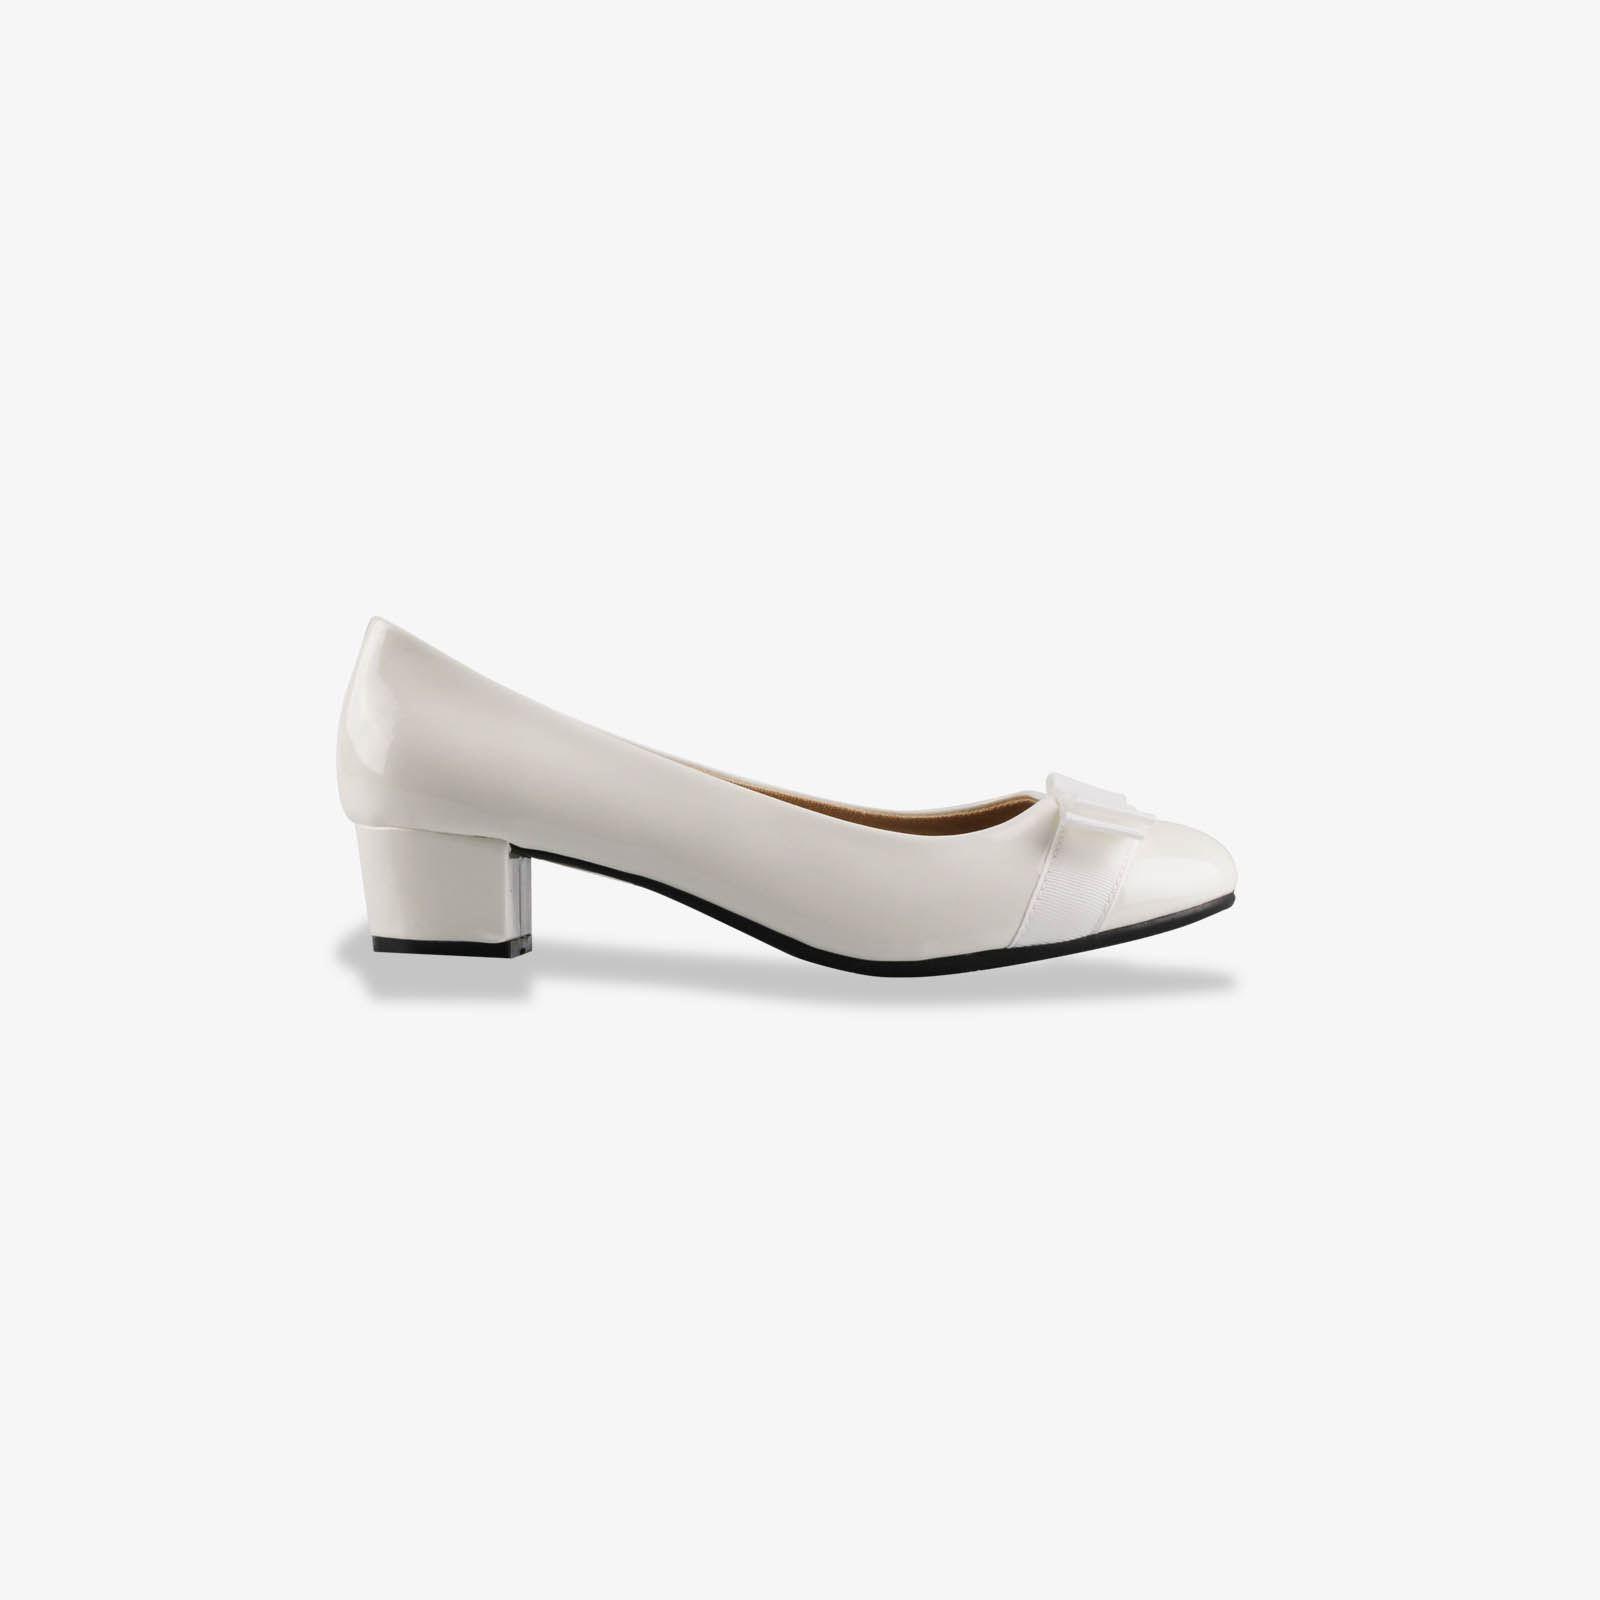 Damen-Elegante-Absatzschuhe-Hochlganz-Pumps-Blockabsatz-Ballerina-Schuhe-Chic Indexbild 28